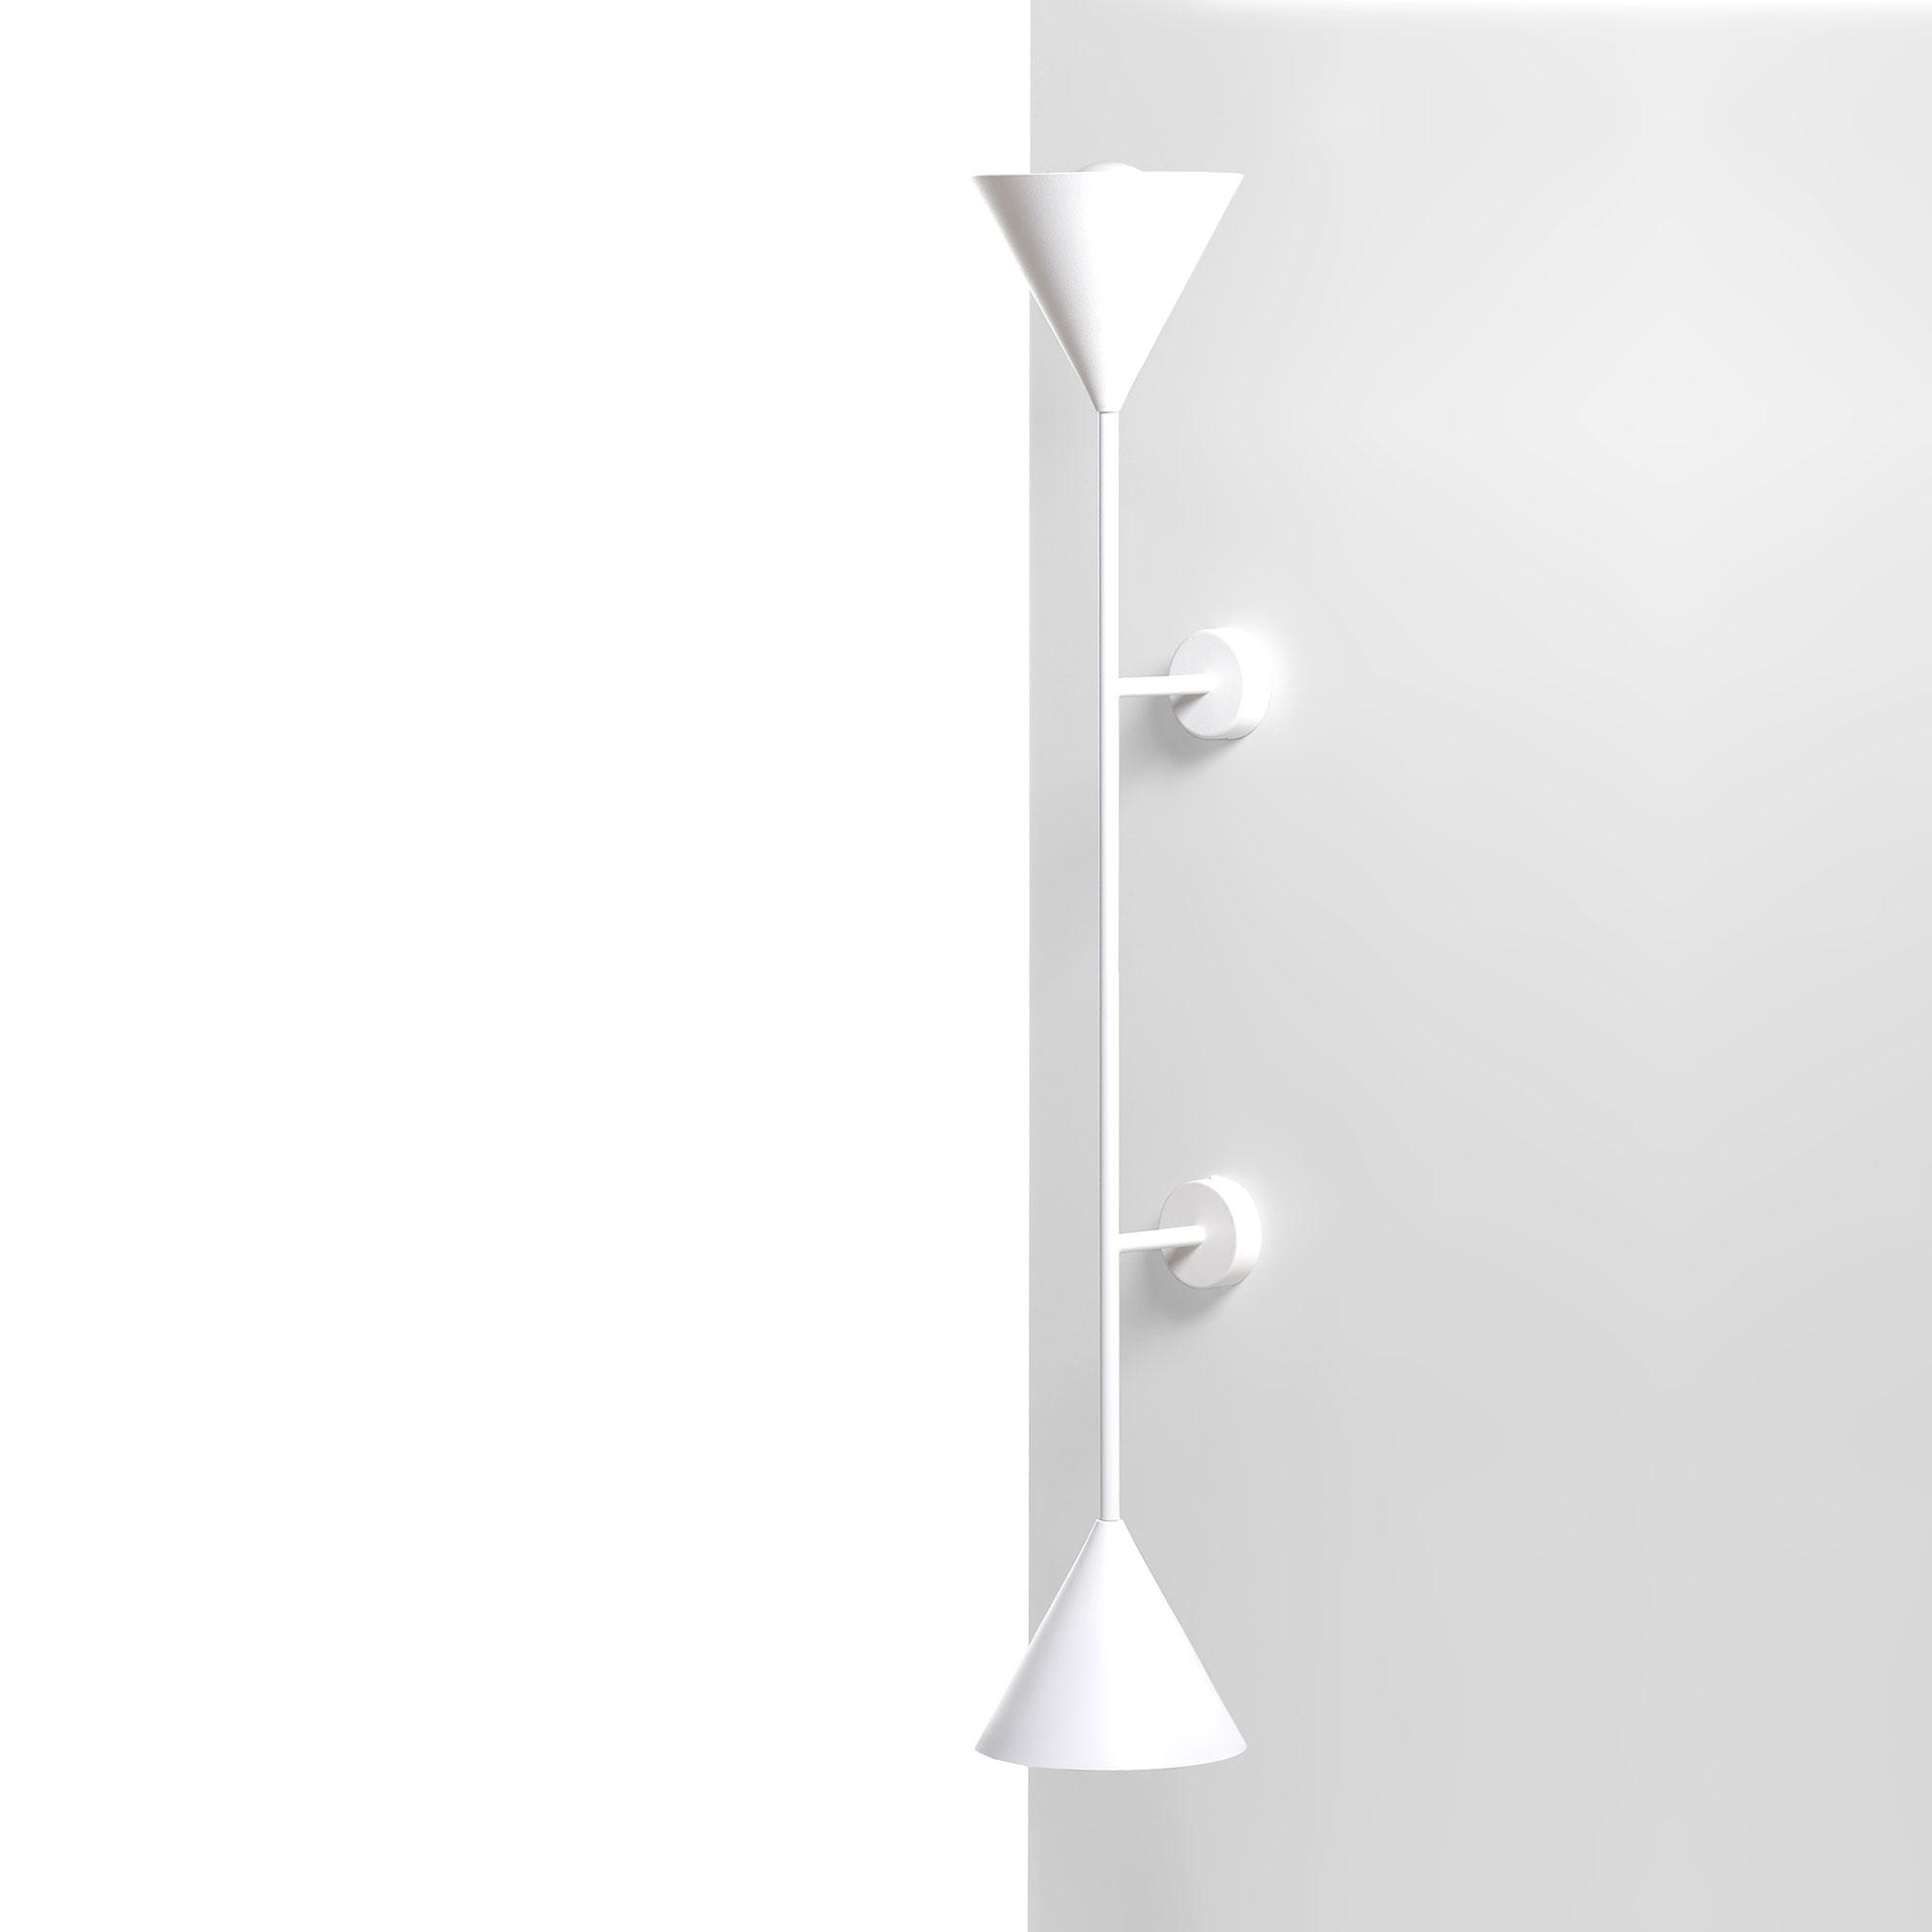 double_wall_light_flattened.jpg